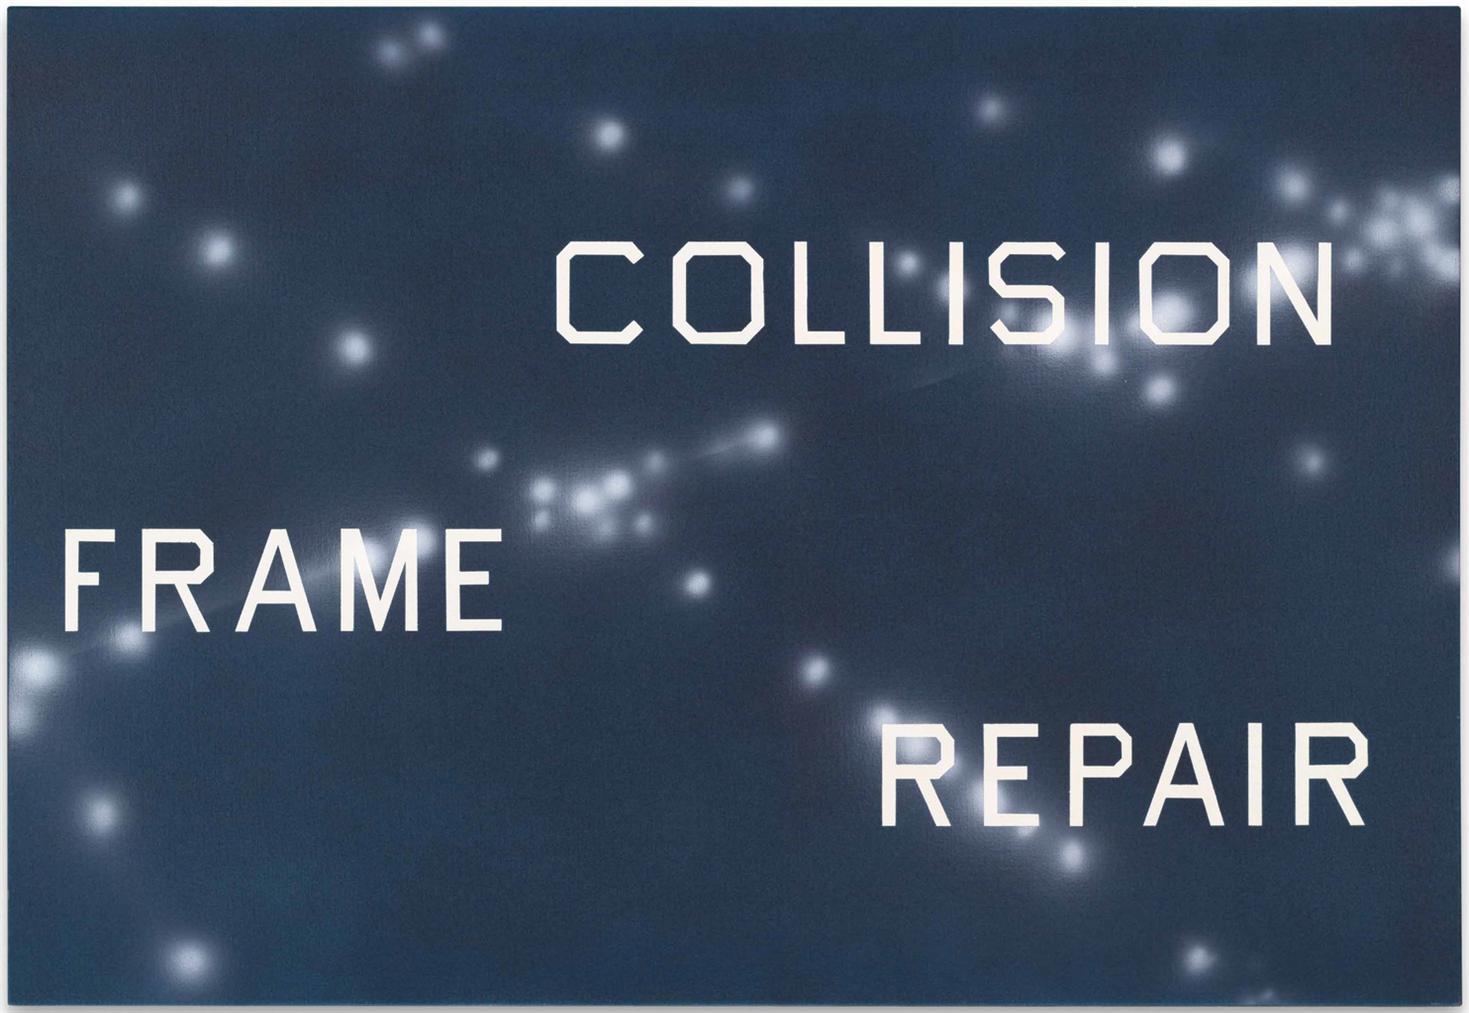 Ed Ruscha-Collision Frame Repair-2010